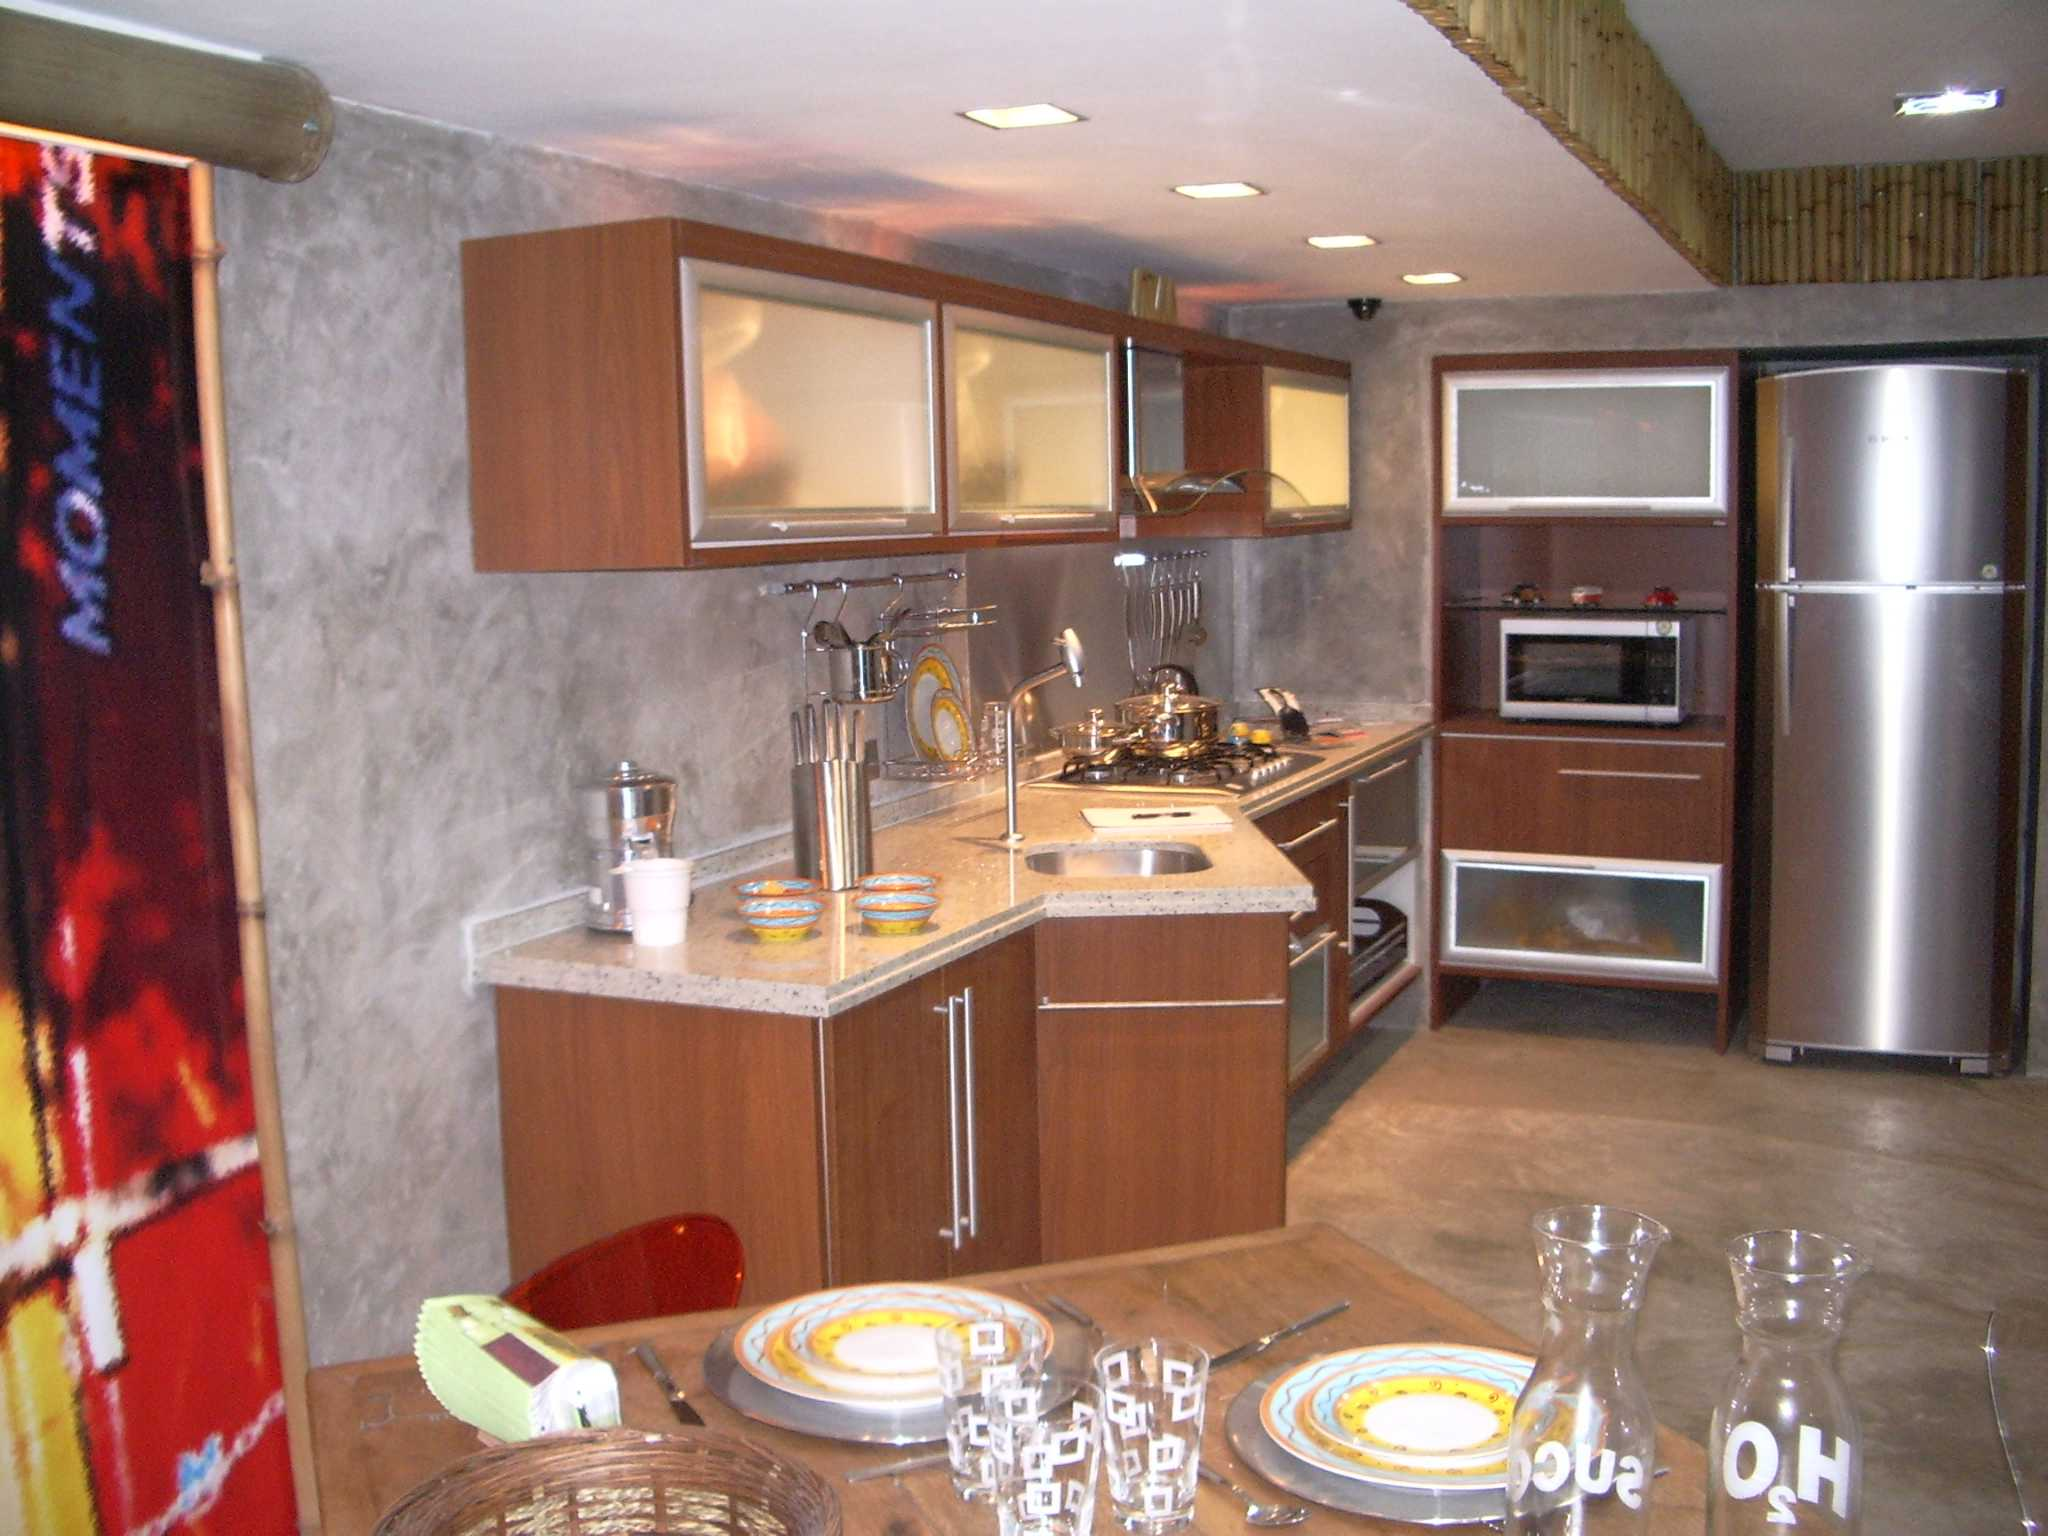 Cozinha - Mostra